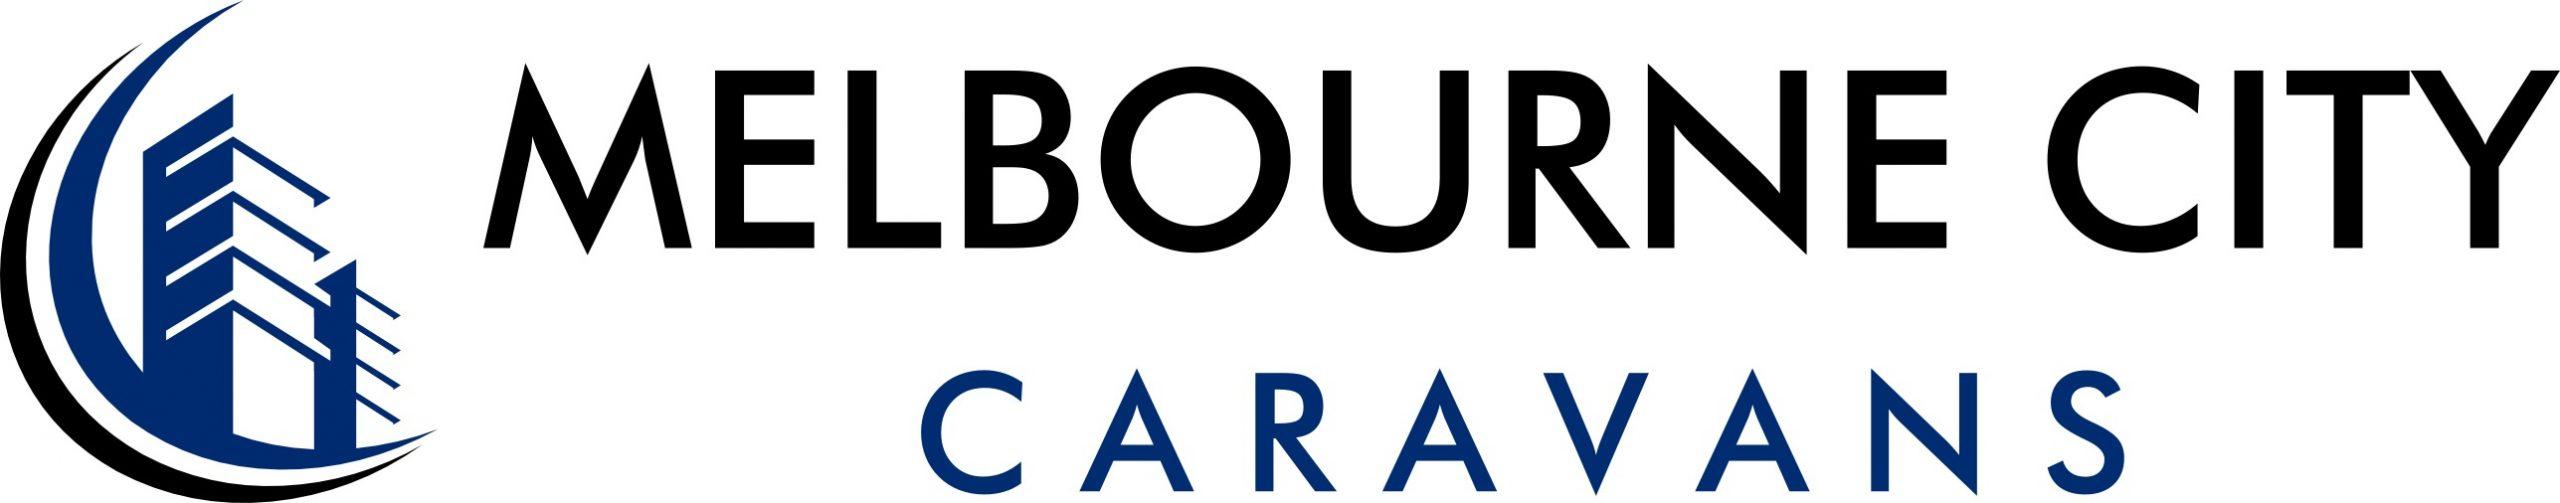 melbourne city caravans banner